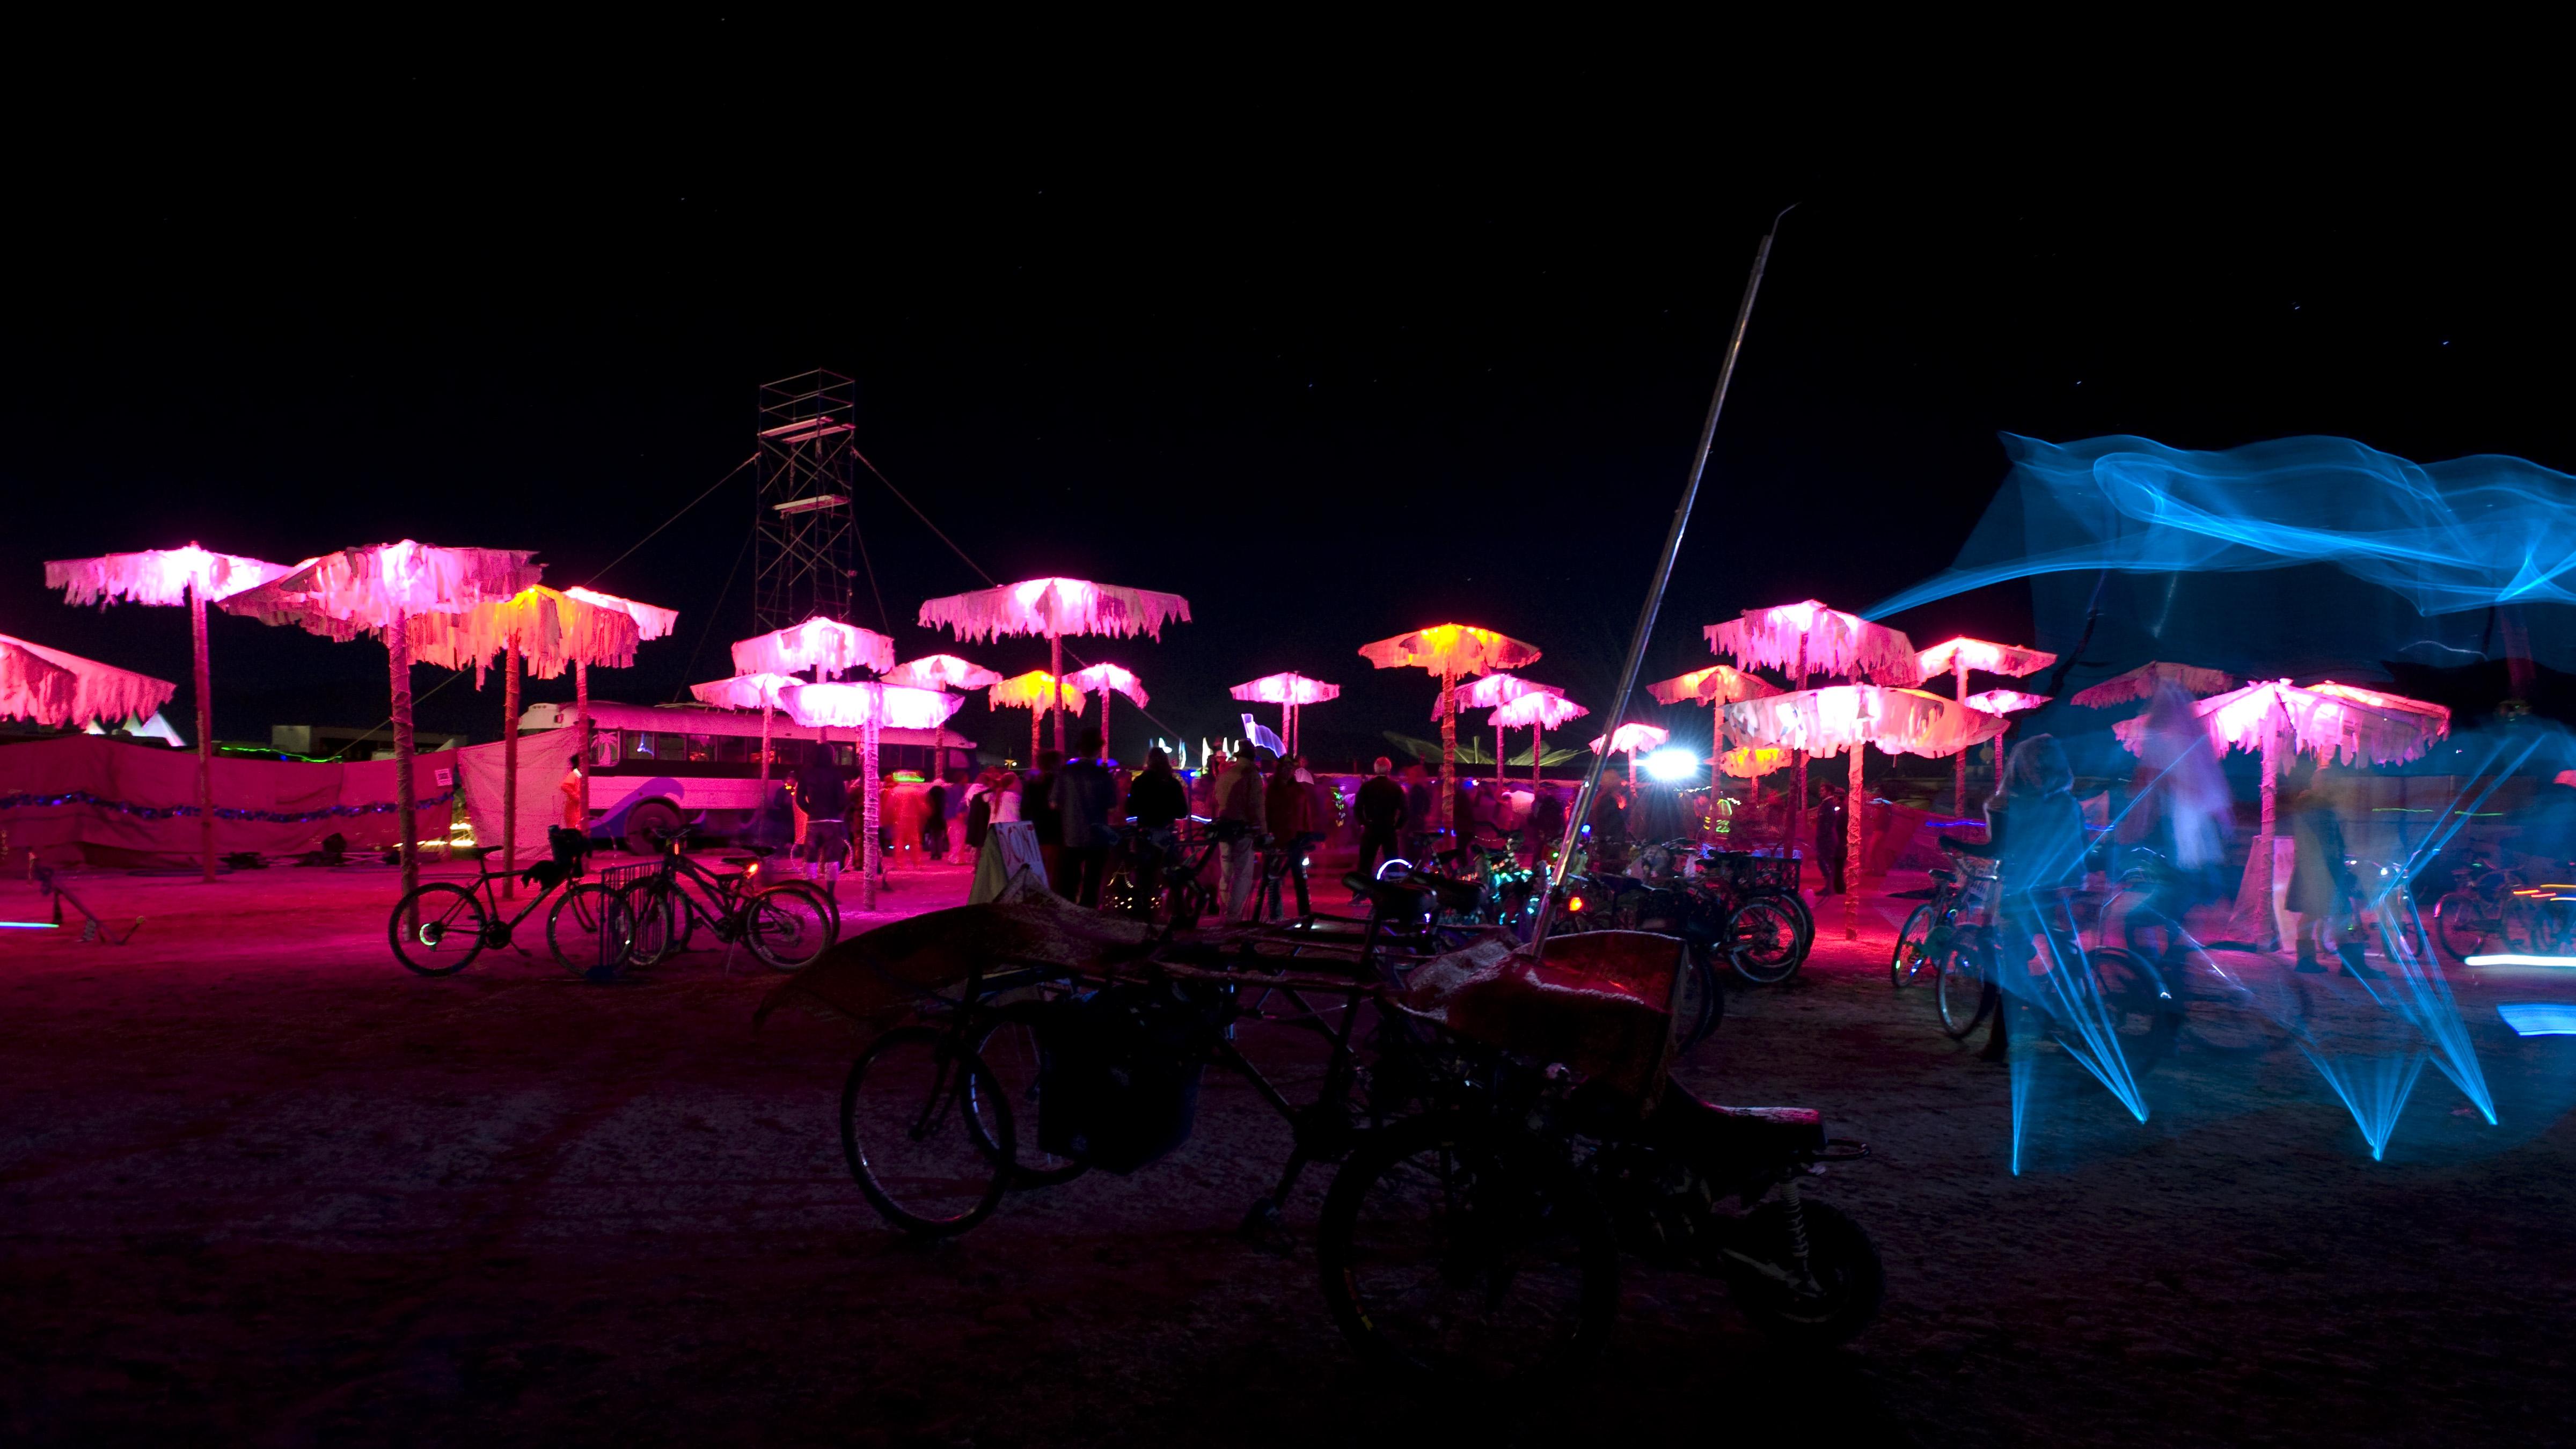 Burning Man 2010 - Metropolis: Camp at 4:30 Keyhole